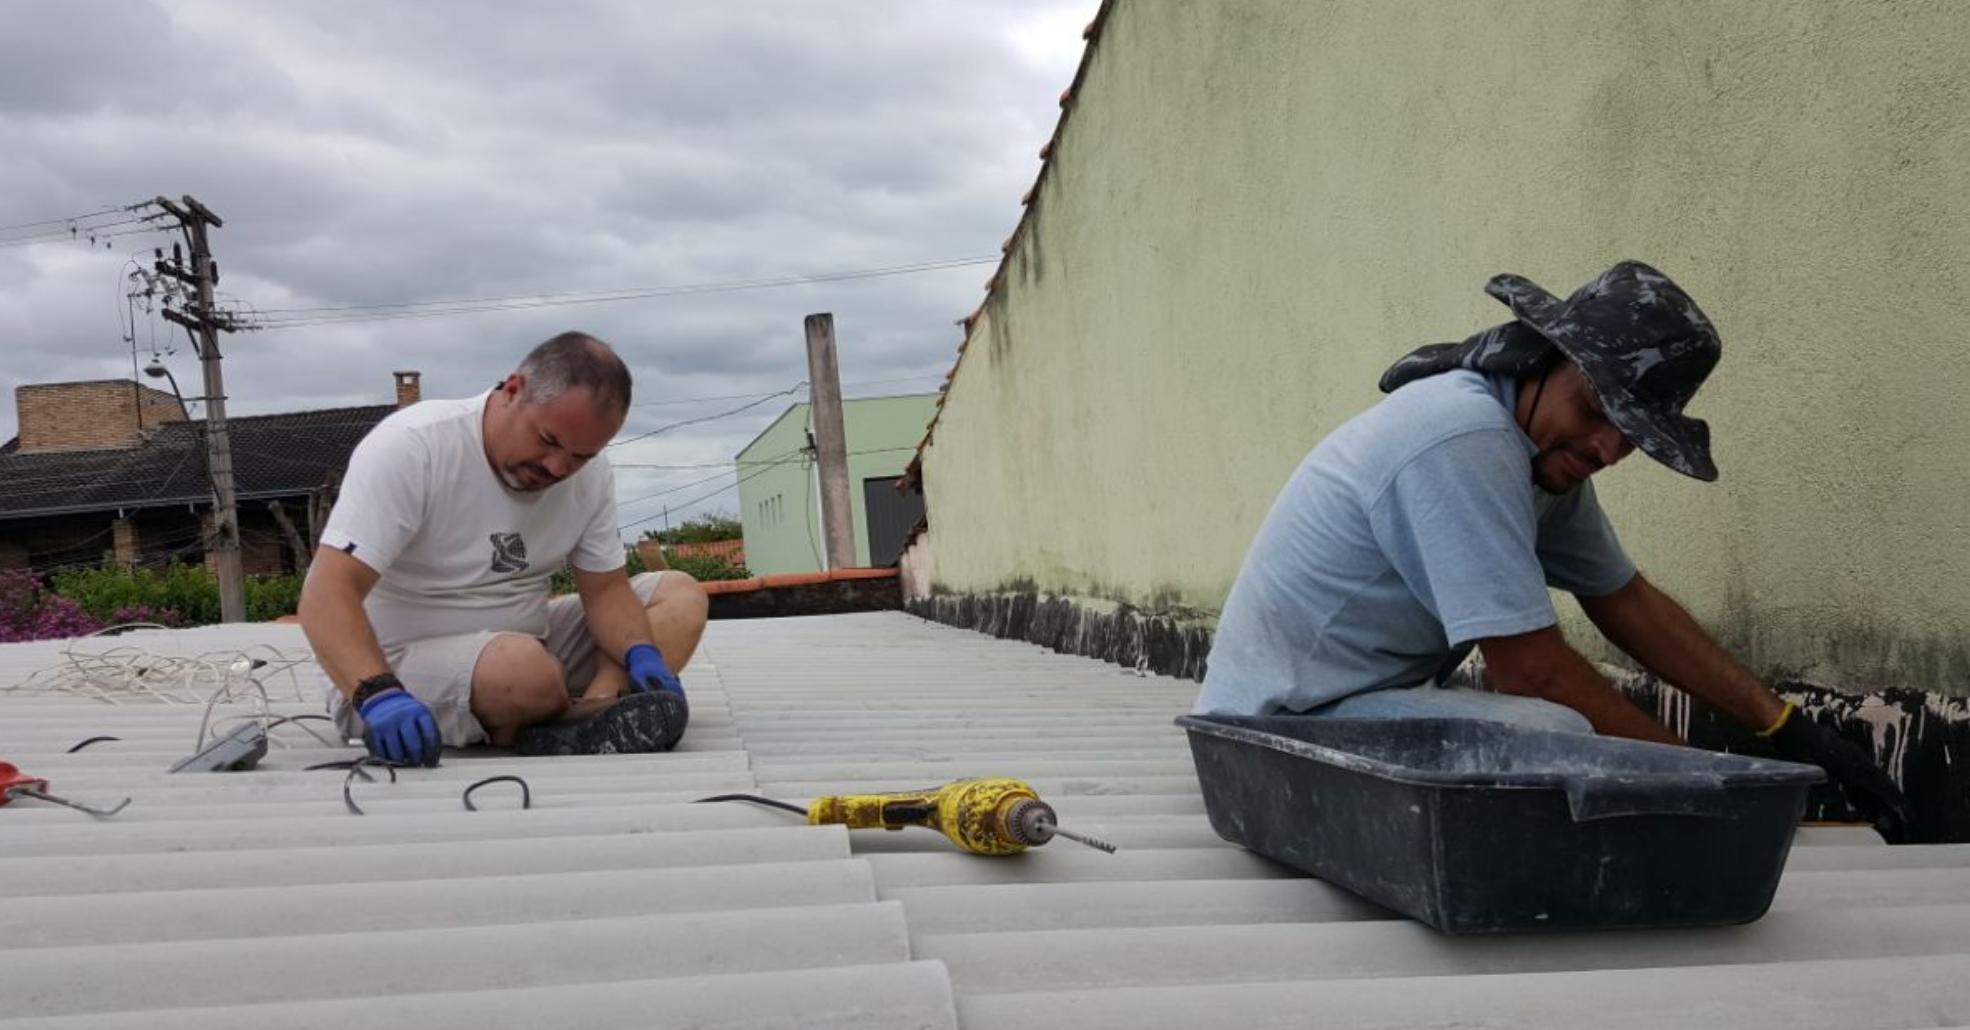 Voluntários se unem para reformar casa de mulher que estava desempregada e passando necessidade 4